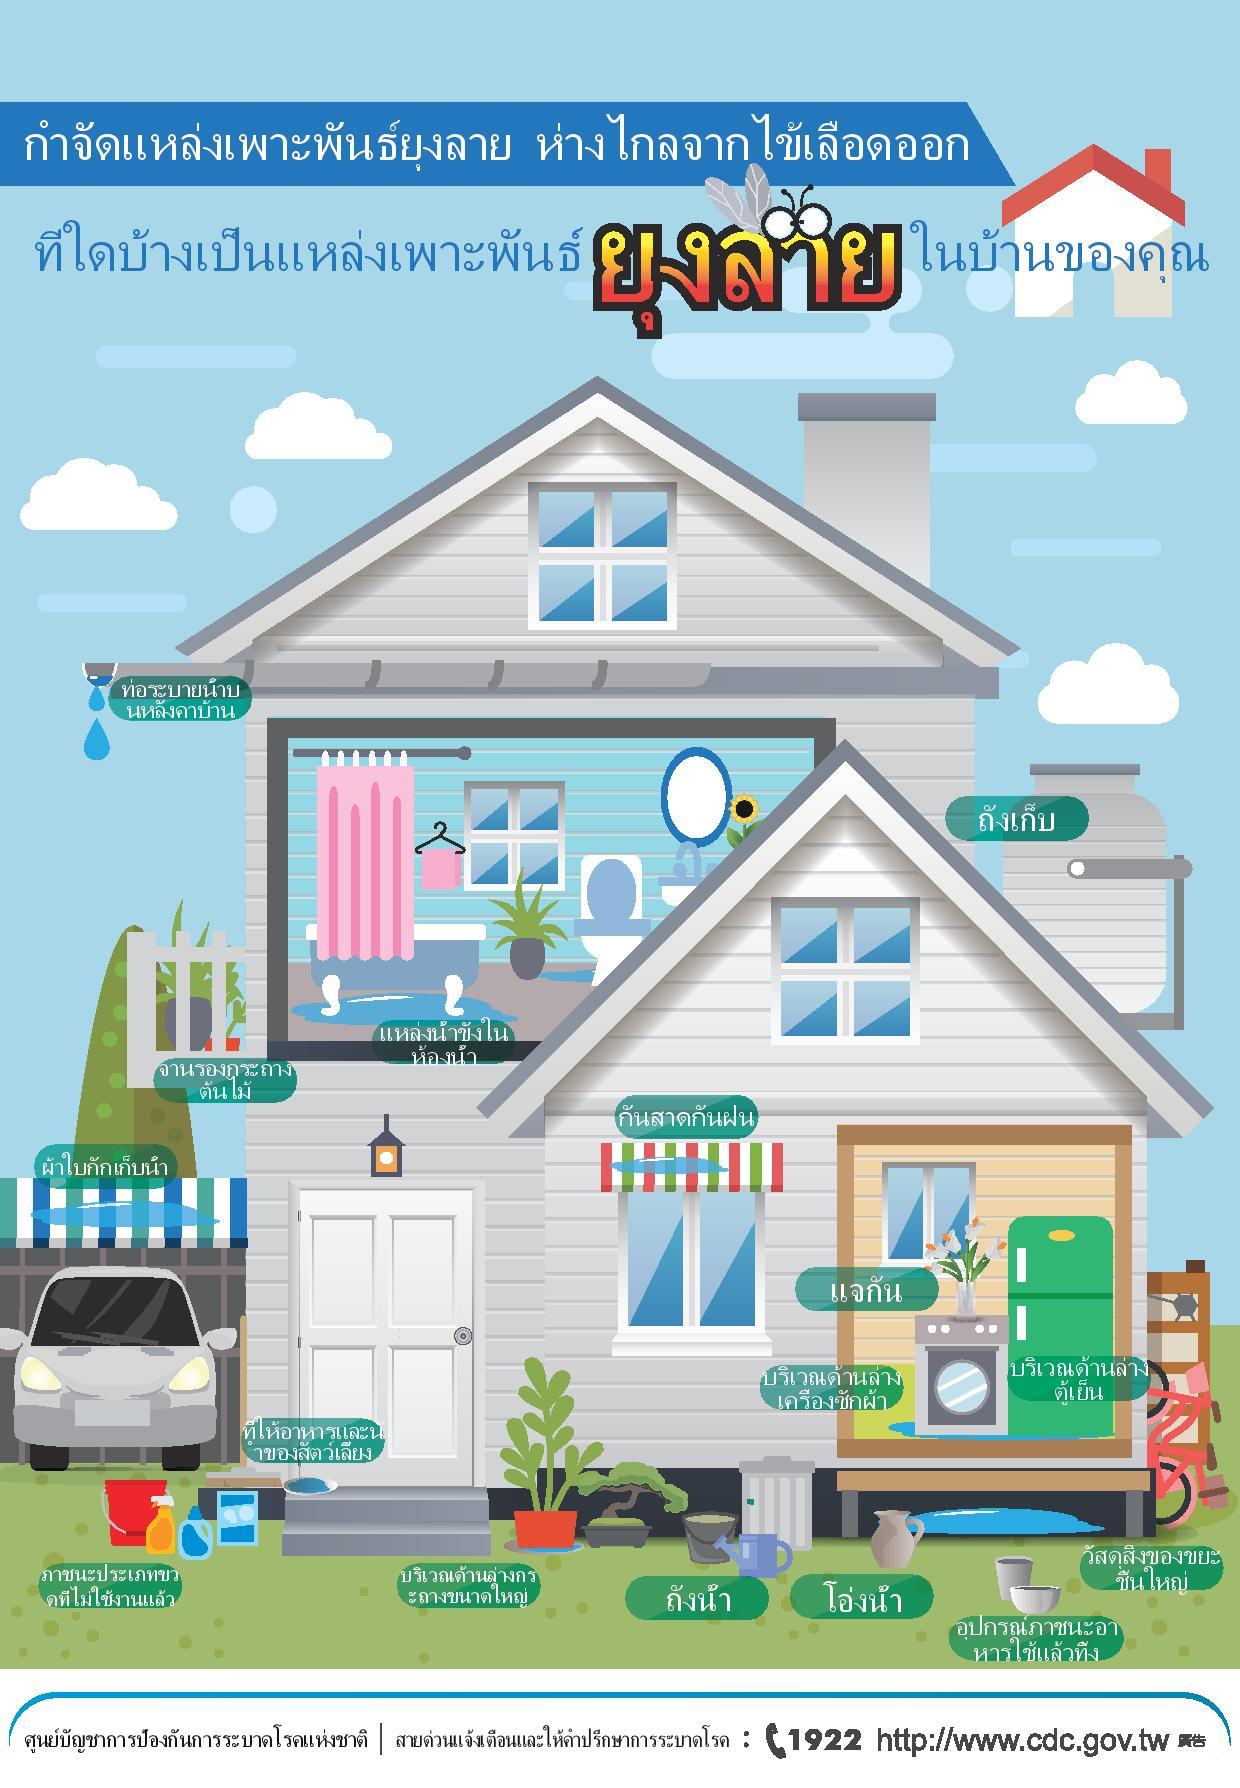 詳如附件【คลิก】ที่ใดบ้างเป็นแหล่งเพาะพันธ์ยุงลายในบ้านของคุณ你家有哪些蚊子的家(泰文)